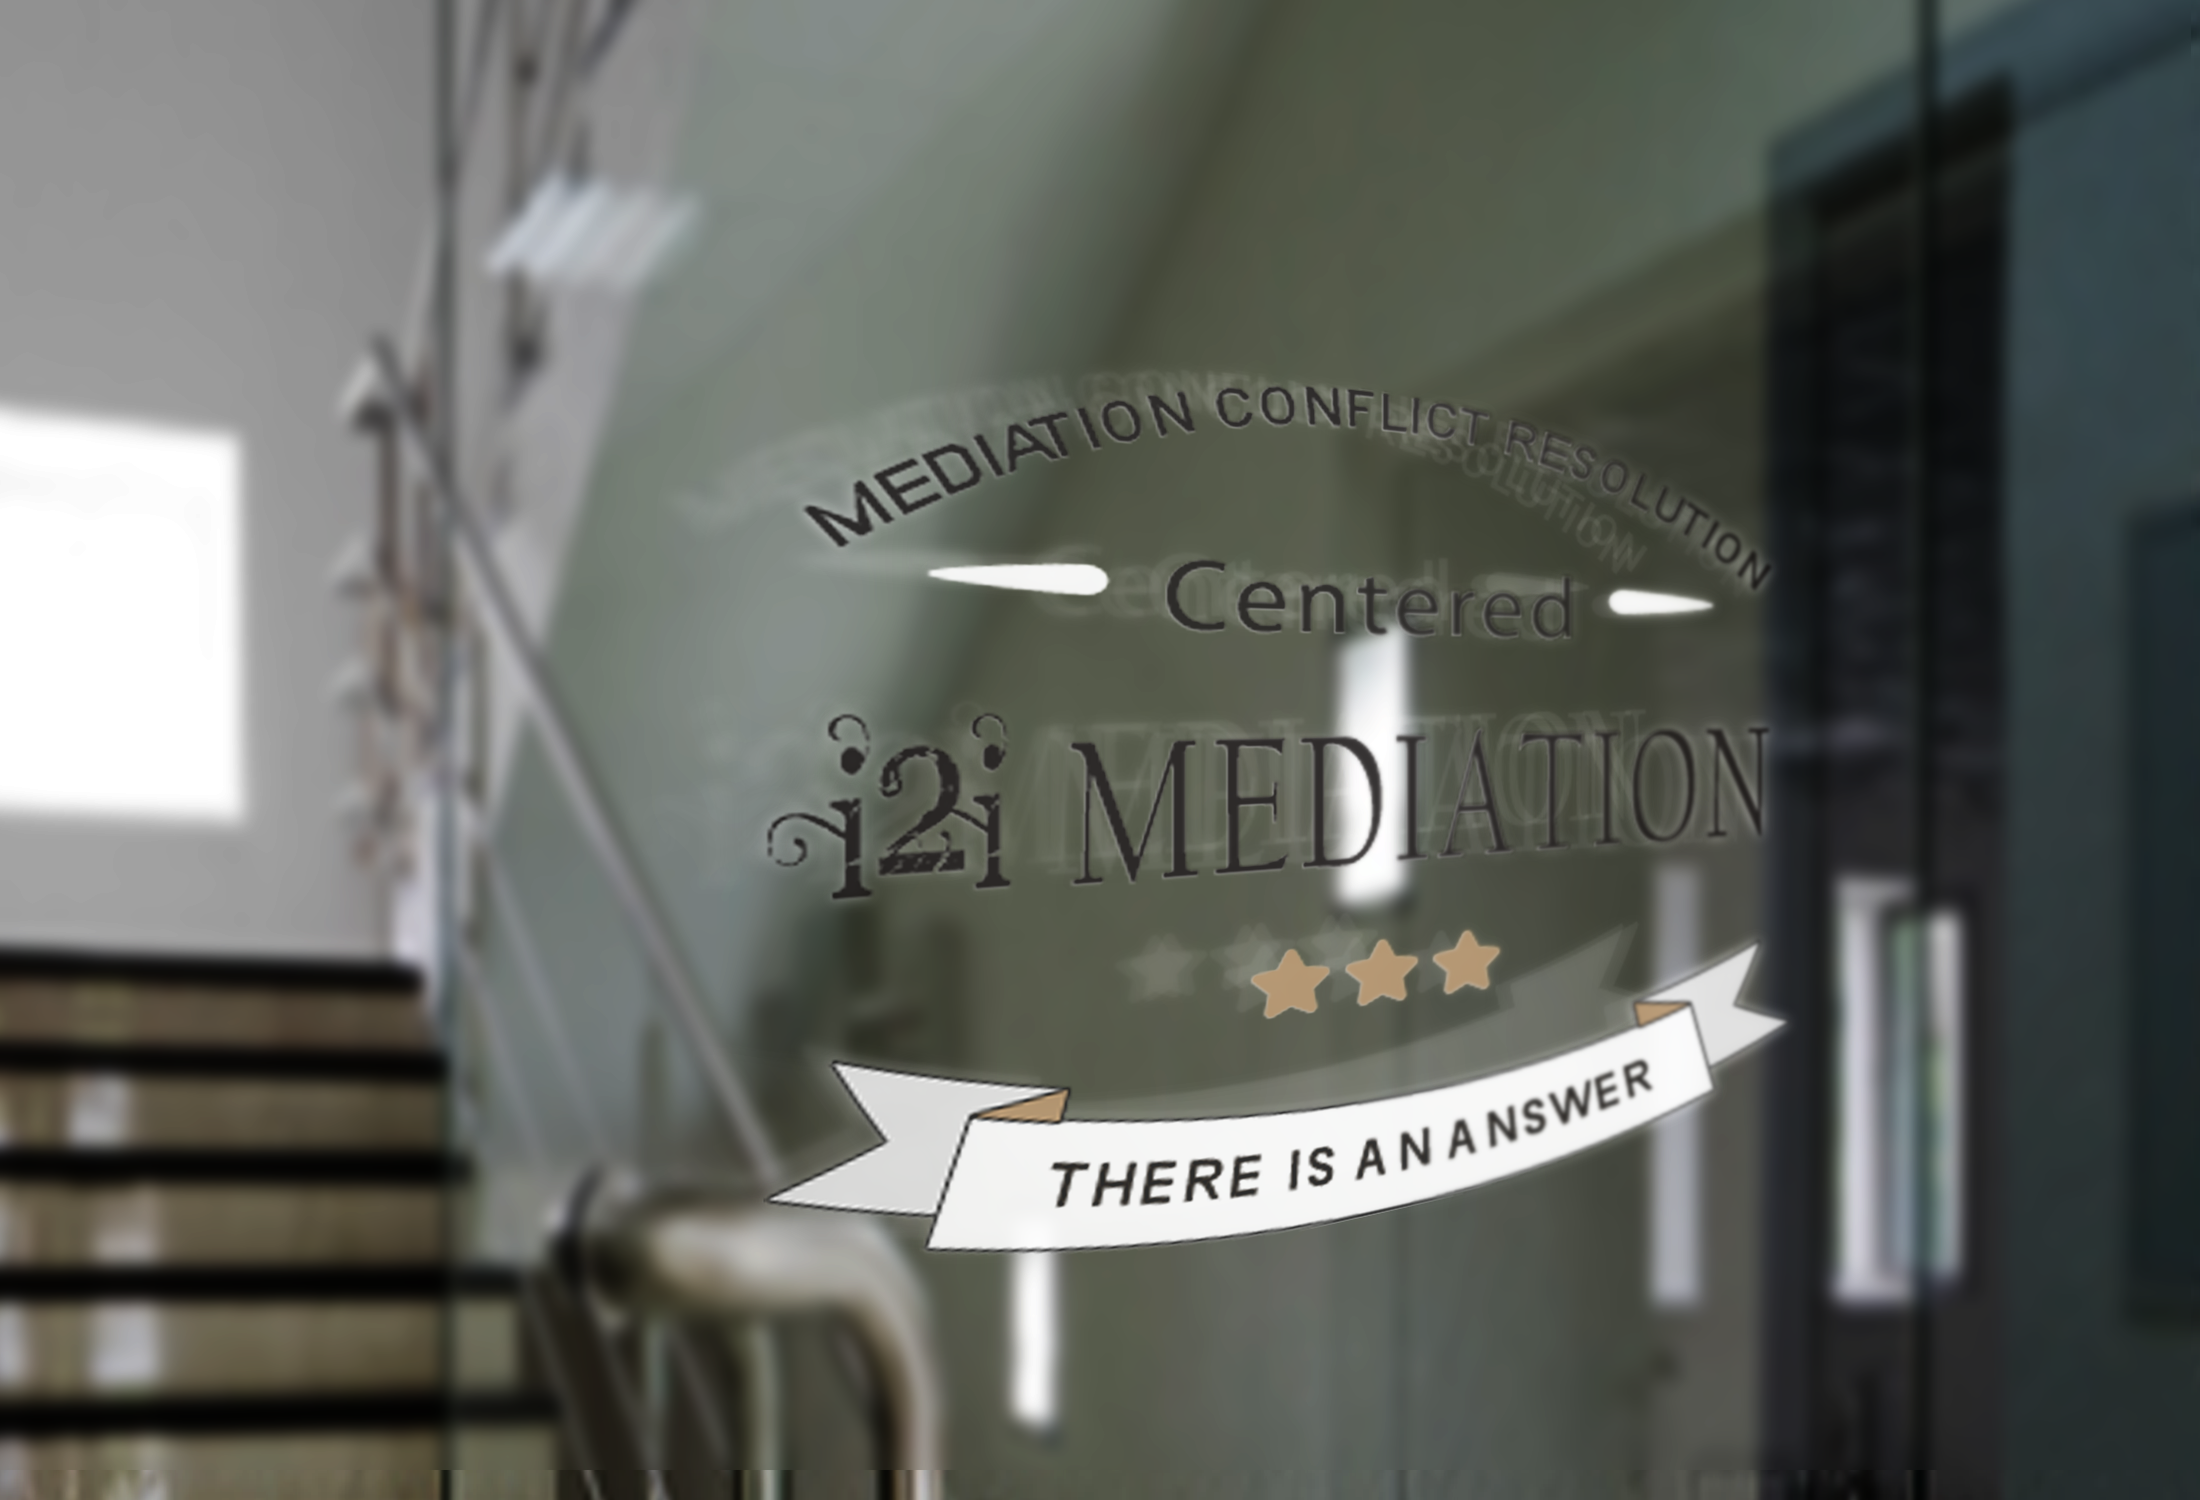 I2i Mediation